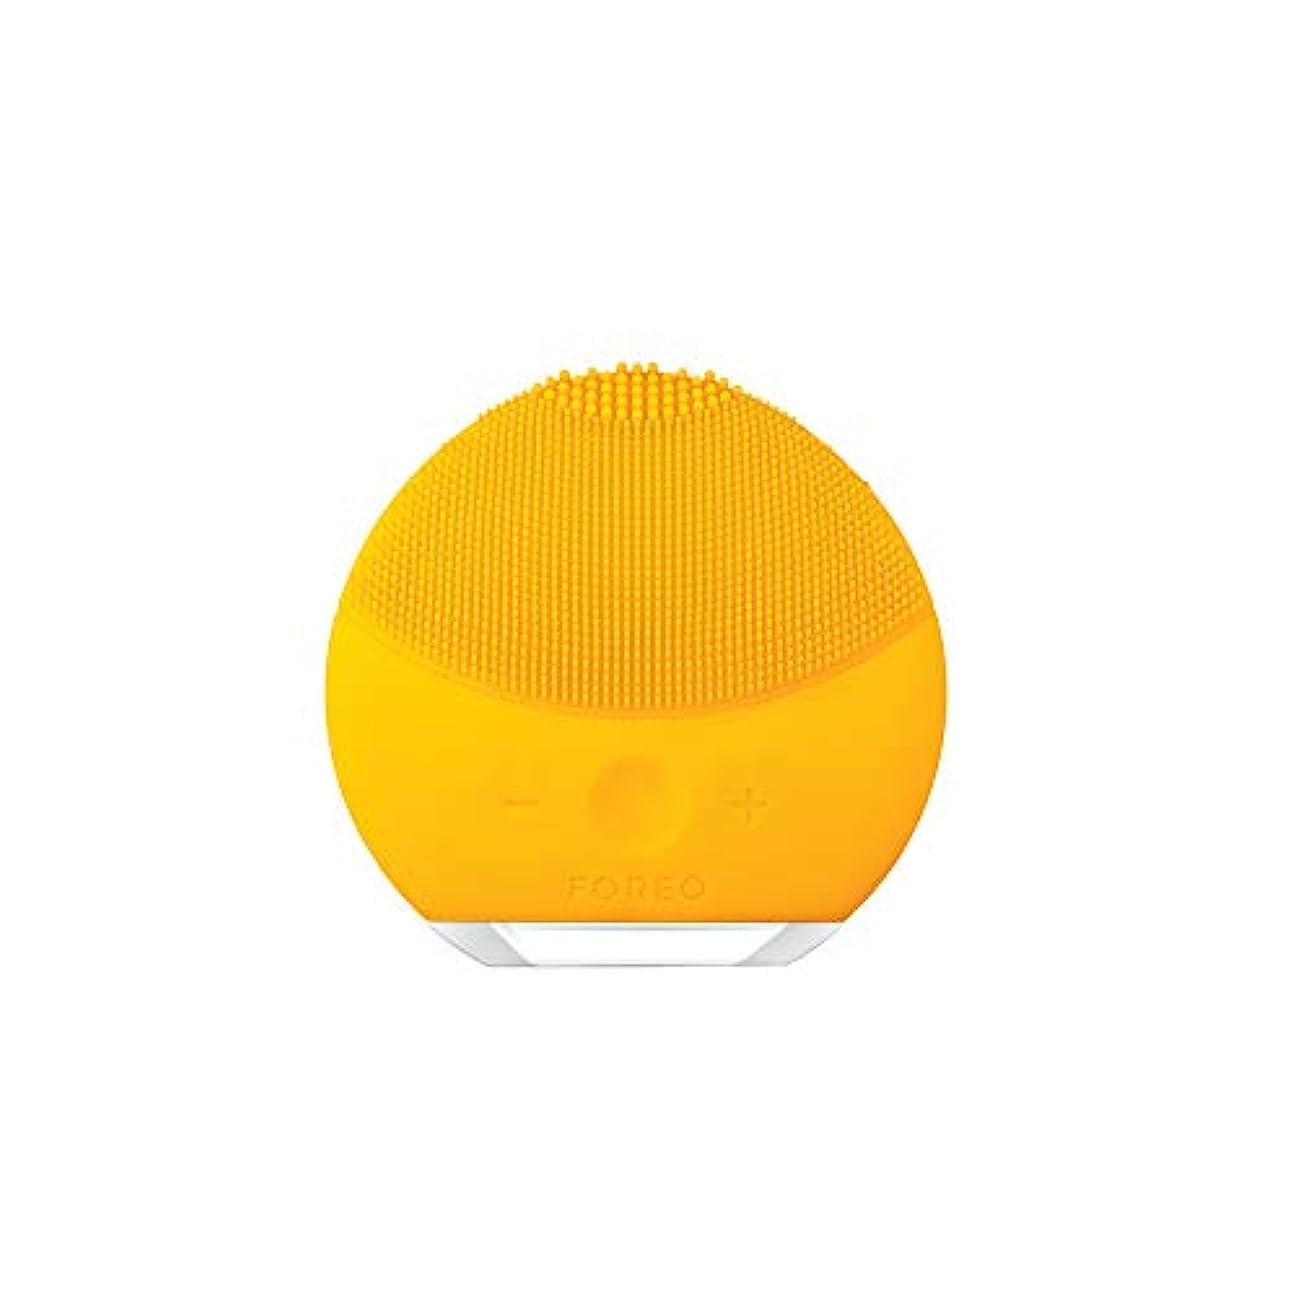 導体傾向ミシンFOREO LUNA mini 2 サンフラワーイエロー 電動洗顔ブラシ シリコーン製 音波振動